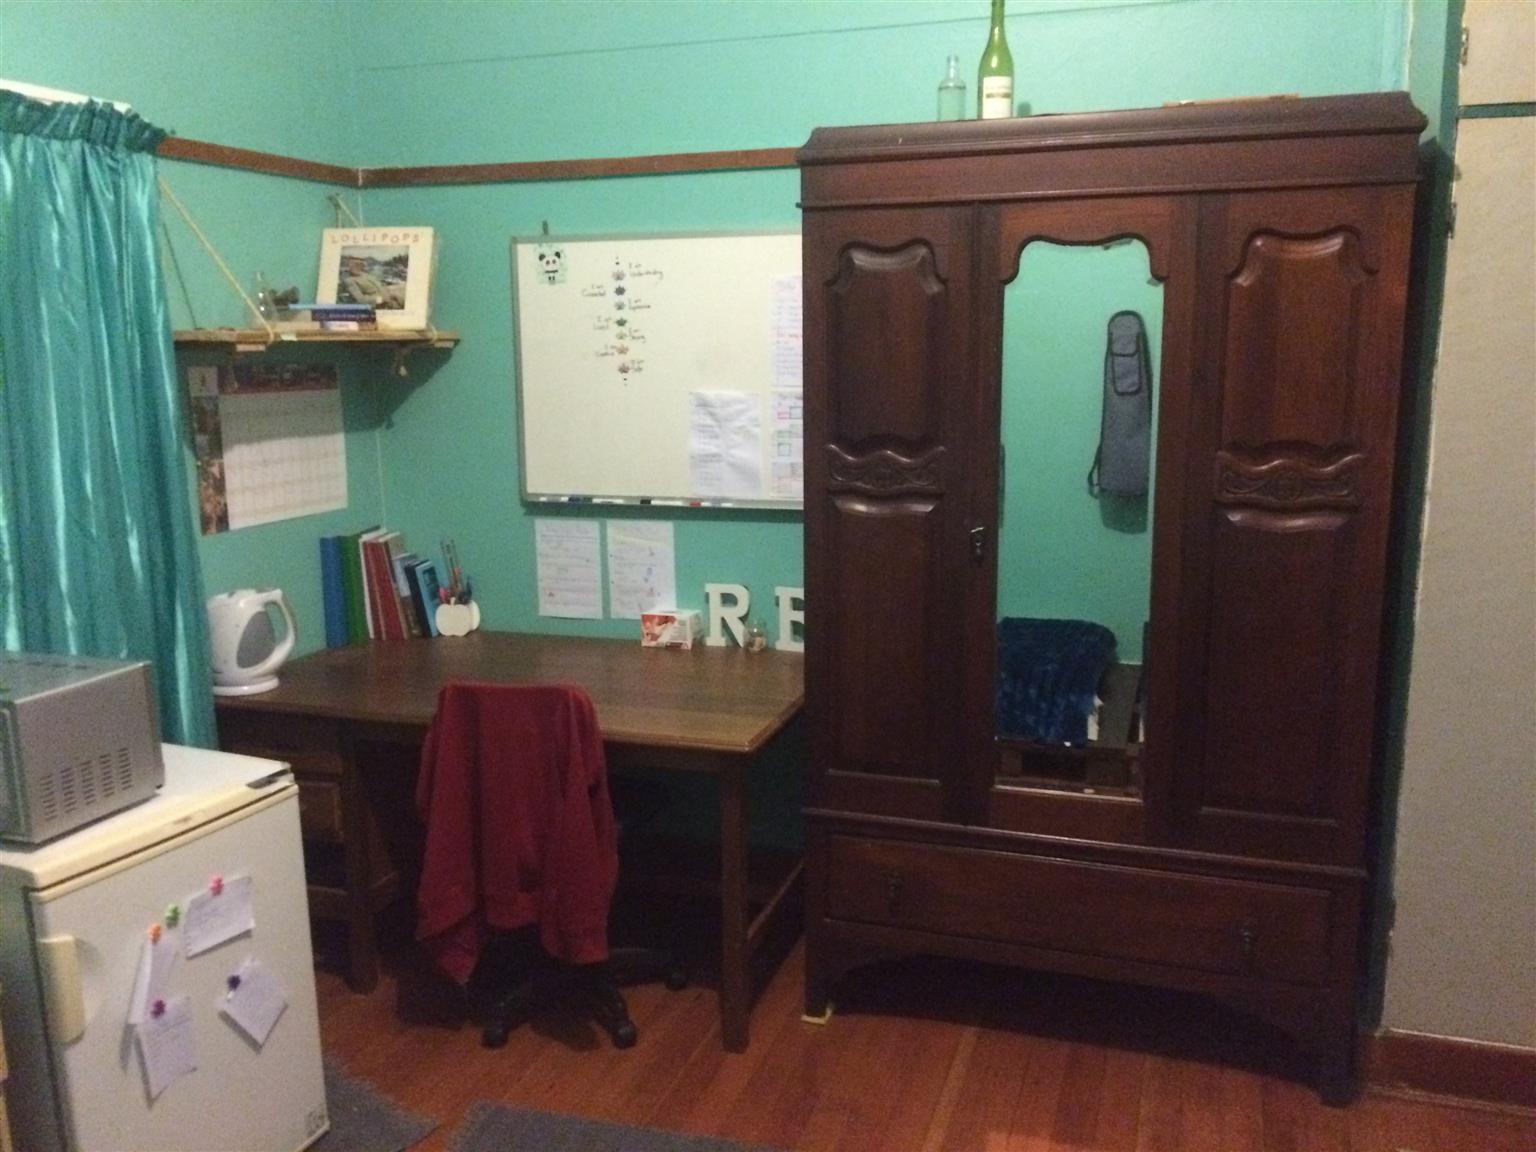 Kamer in Brooklyn700 meter van tuks te verhuur aan student R3500 per maand